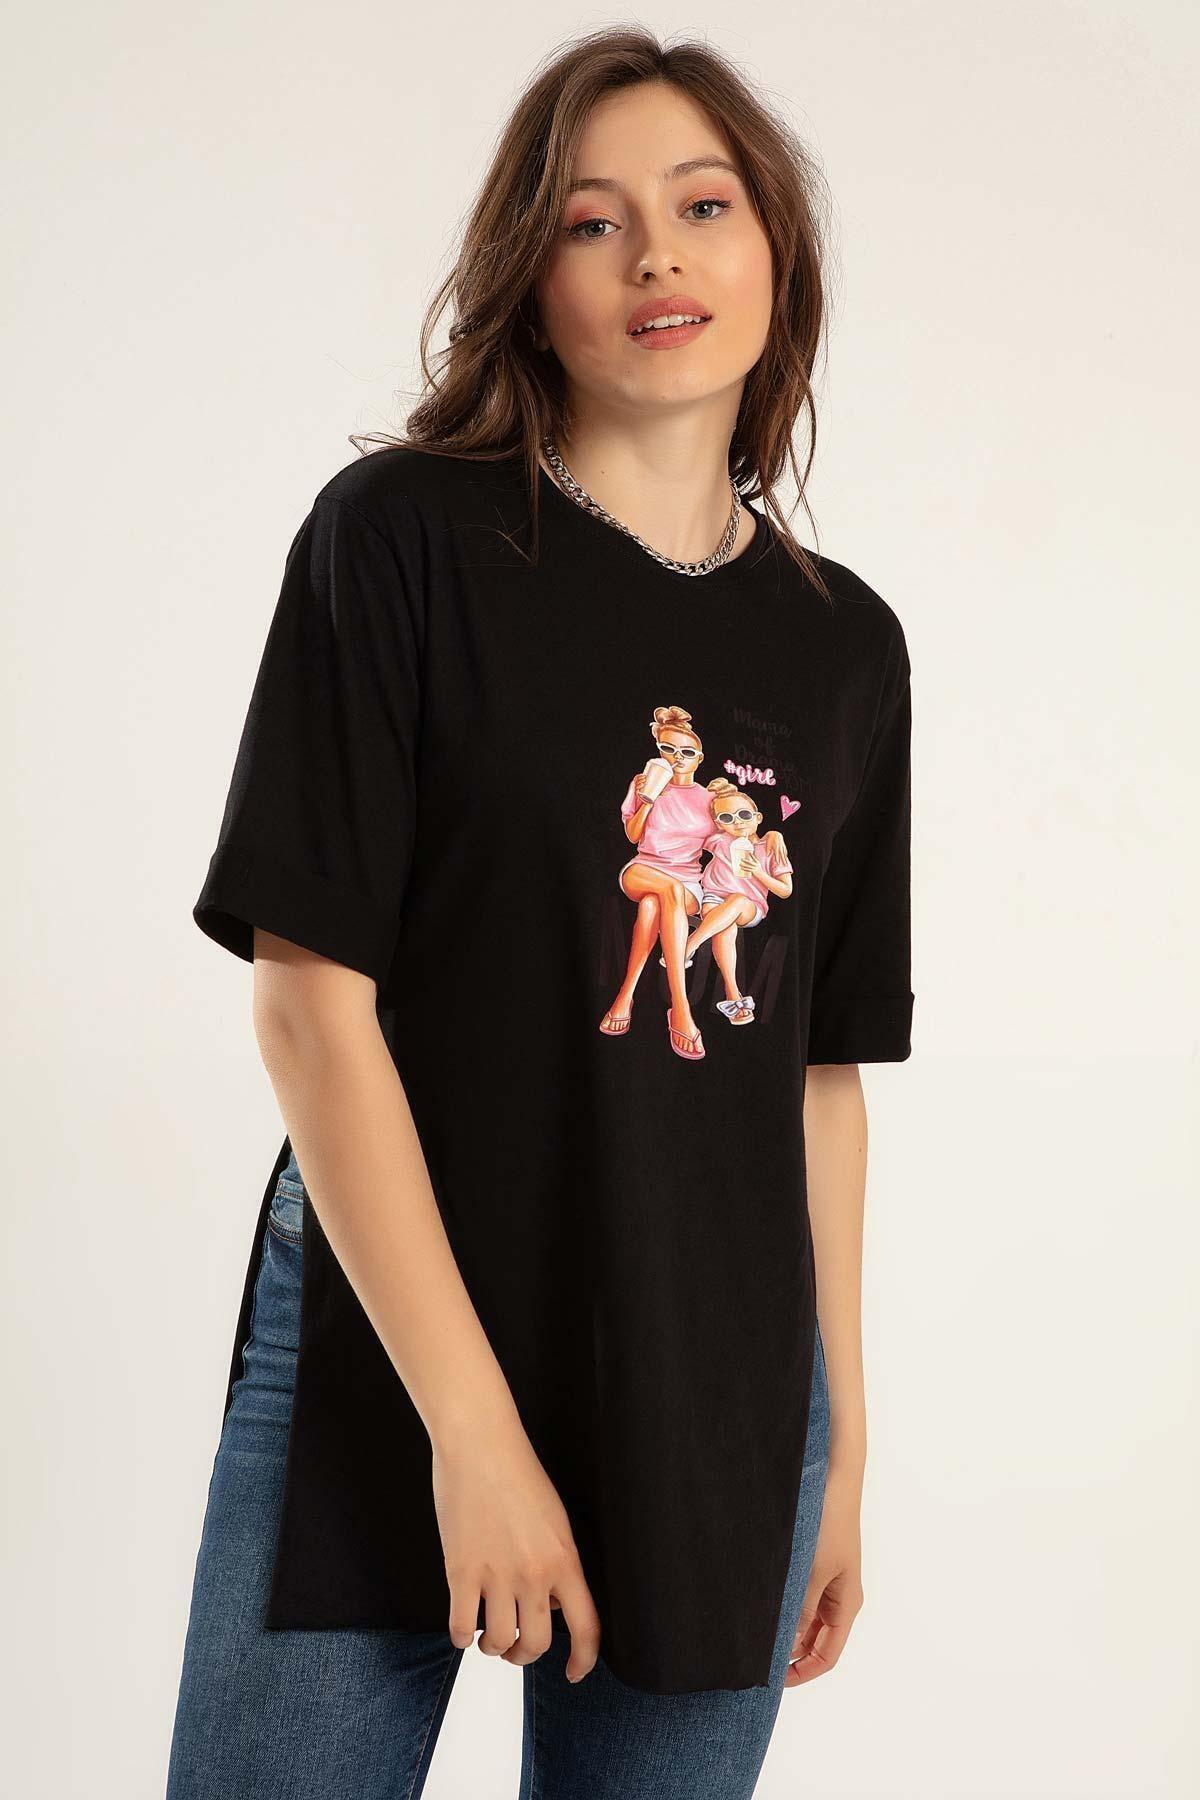 Kadın Baskılı Yanları Yırtmaçlı Tişört Y20s110-0364